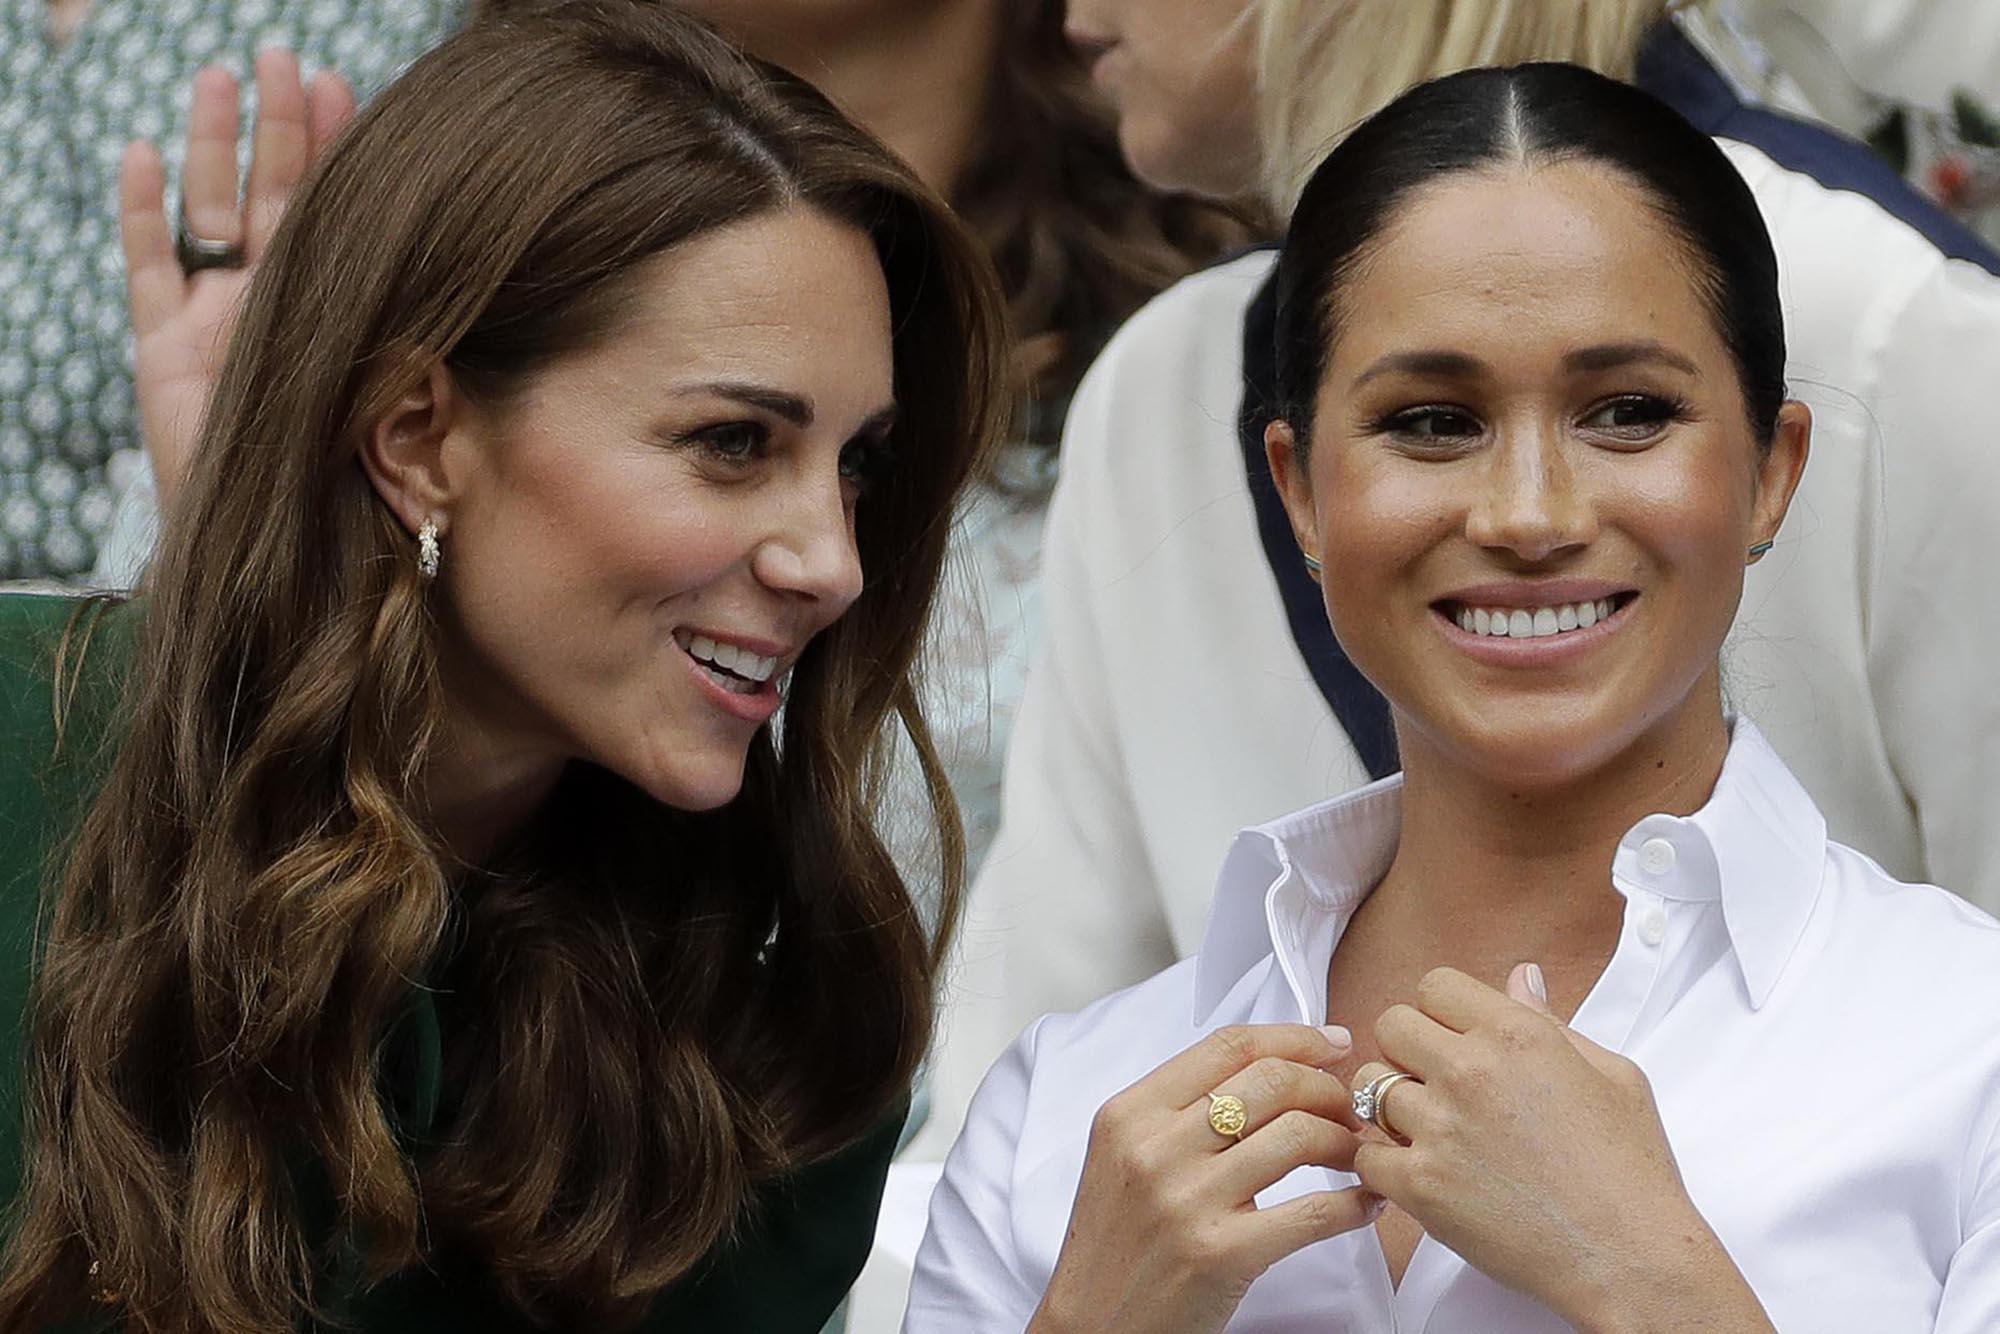 The Best Meghan Markle Vs Kate Middleton Wedding